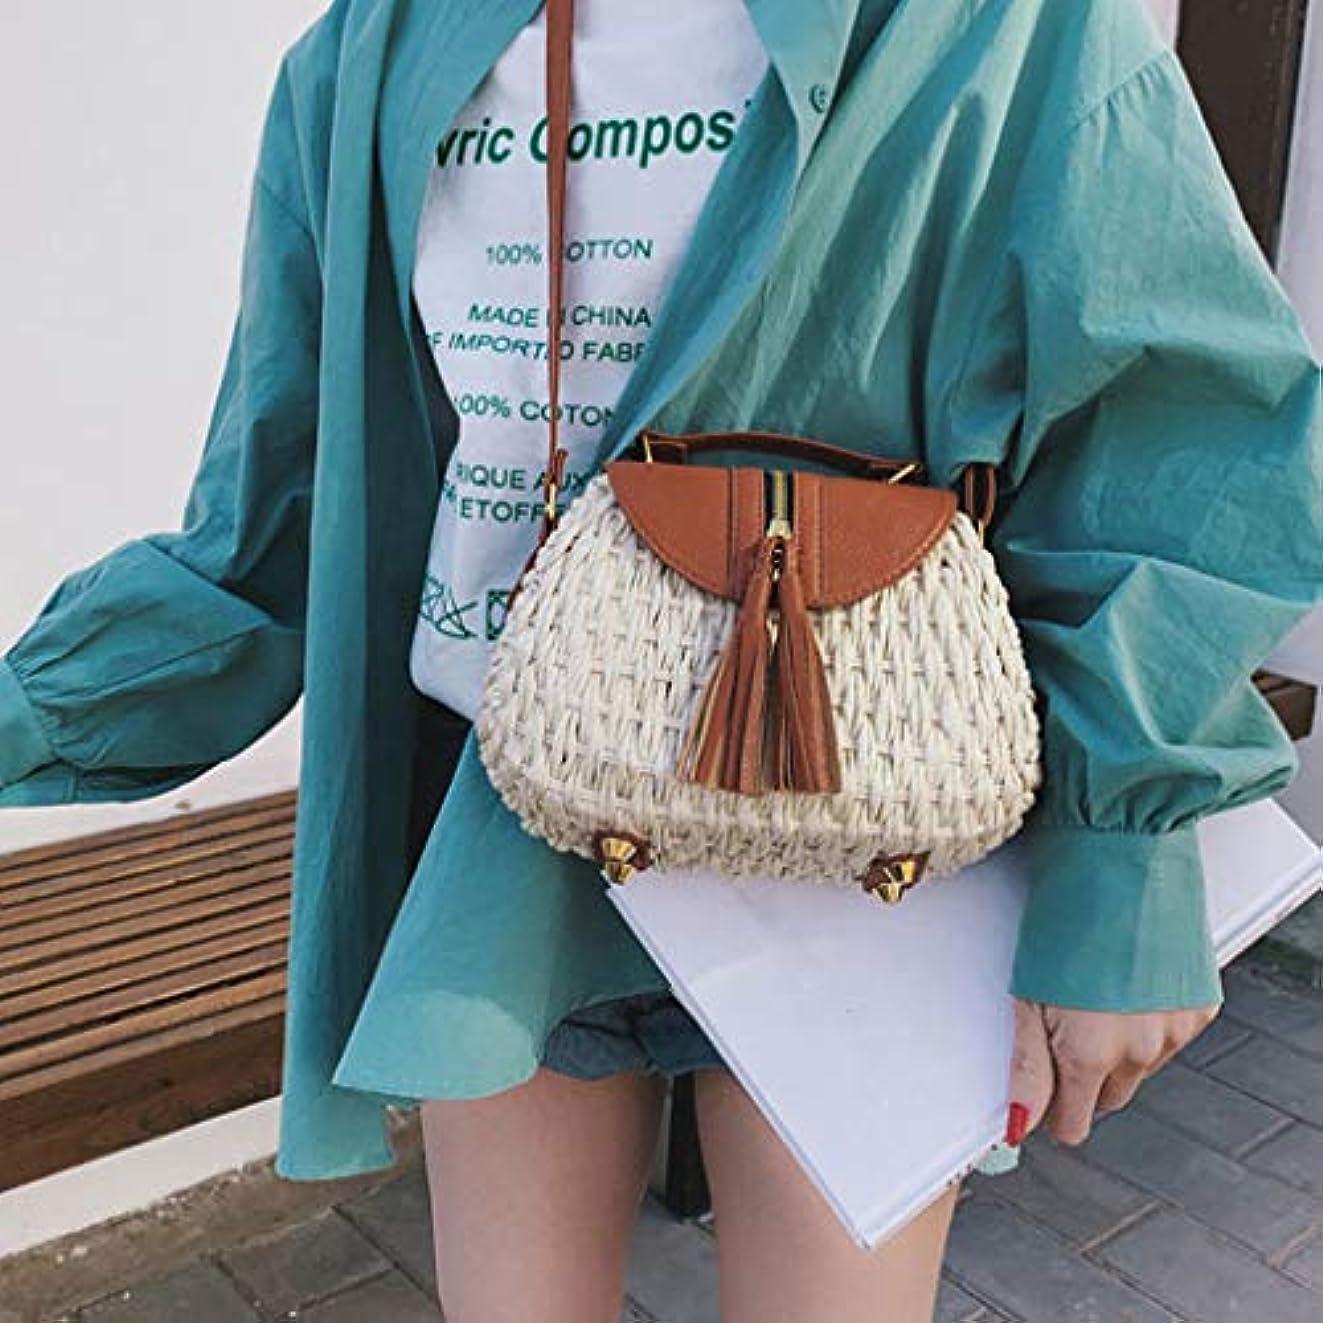 市区町村指標またね女性の流行のタッセルはショルダー?バッグ、女性浜の余暇のクロスボディ袋を織ります、女性のタッセルは浜様式のメッセンジャー袋を織ります、女性方法対照色のビーチ様式のメッセンジャー袋 (ベージュ)